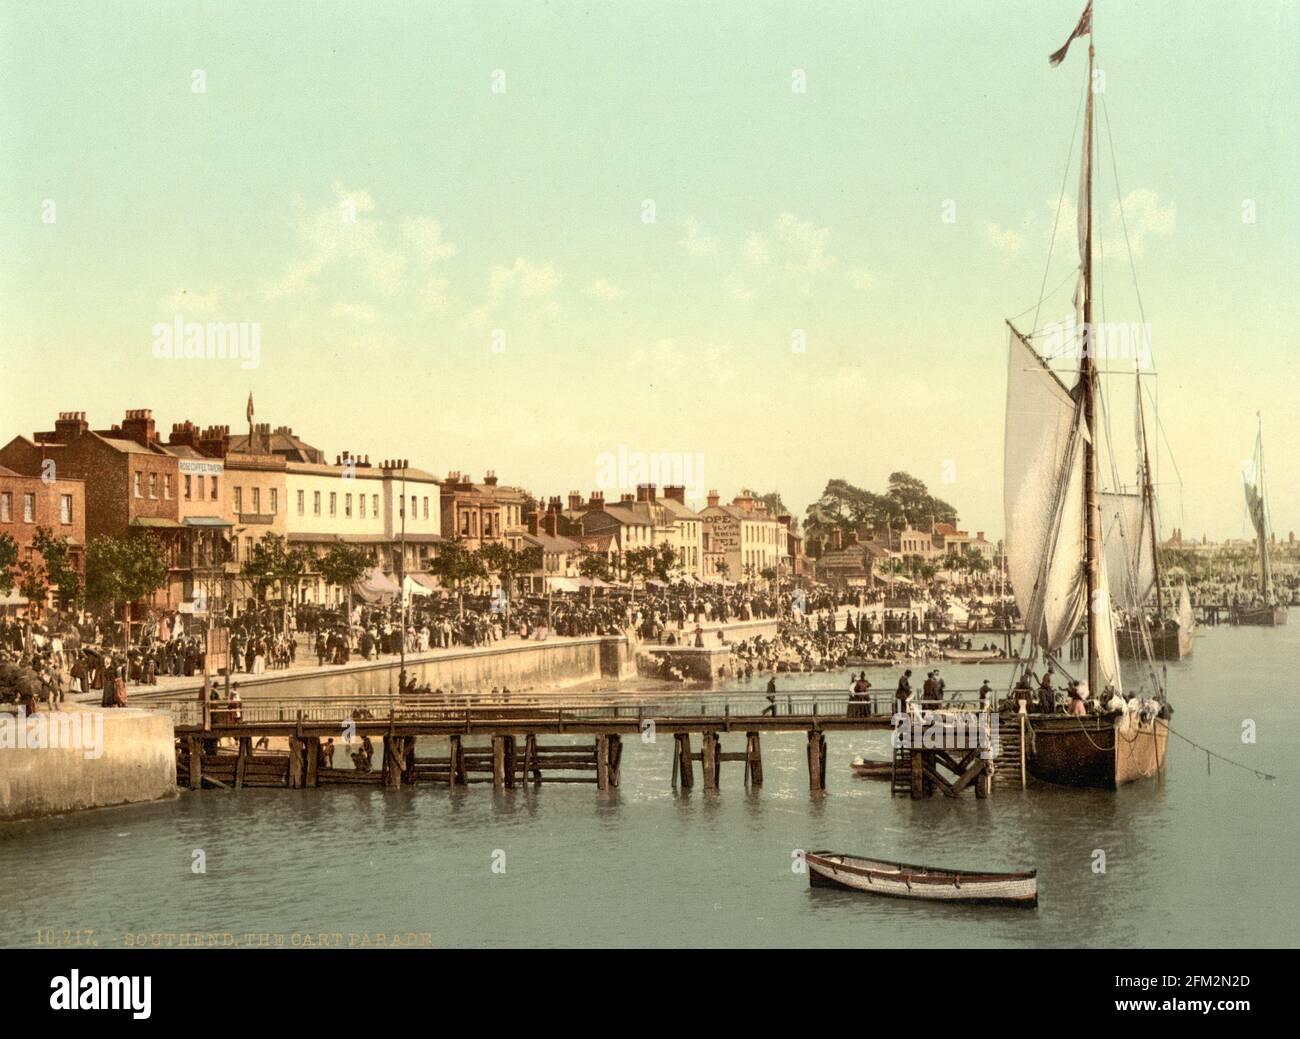 Défilé maritime Southend-on-Sea, Essex vers 1890-1900 Banque D'Images